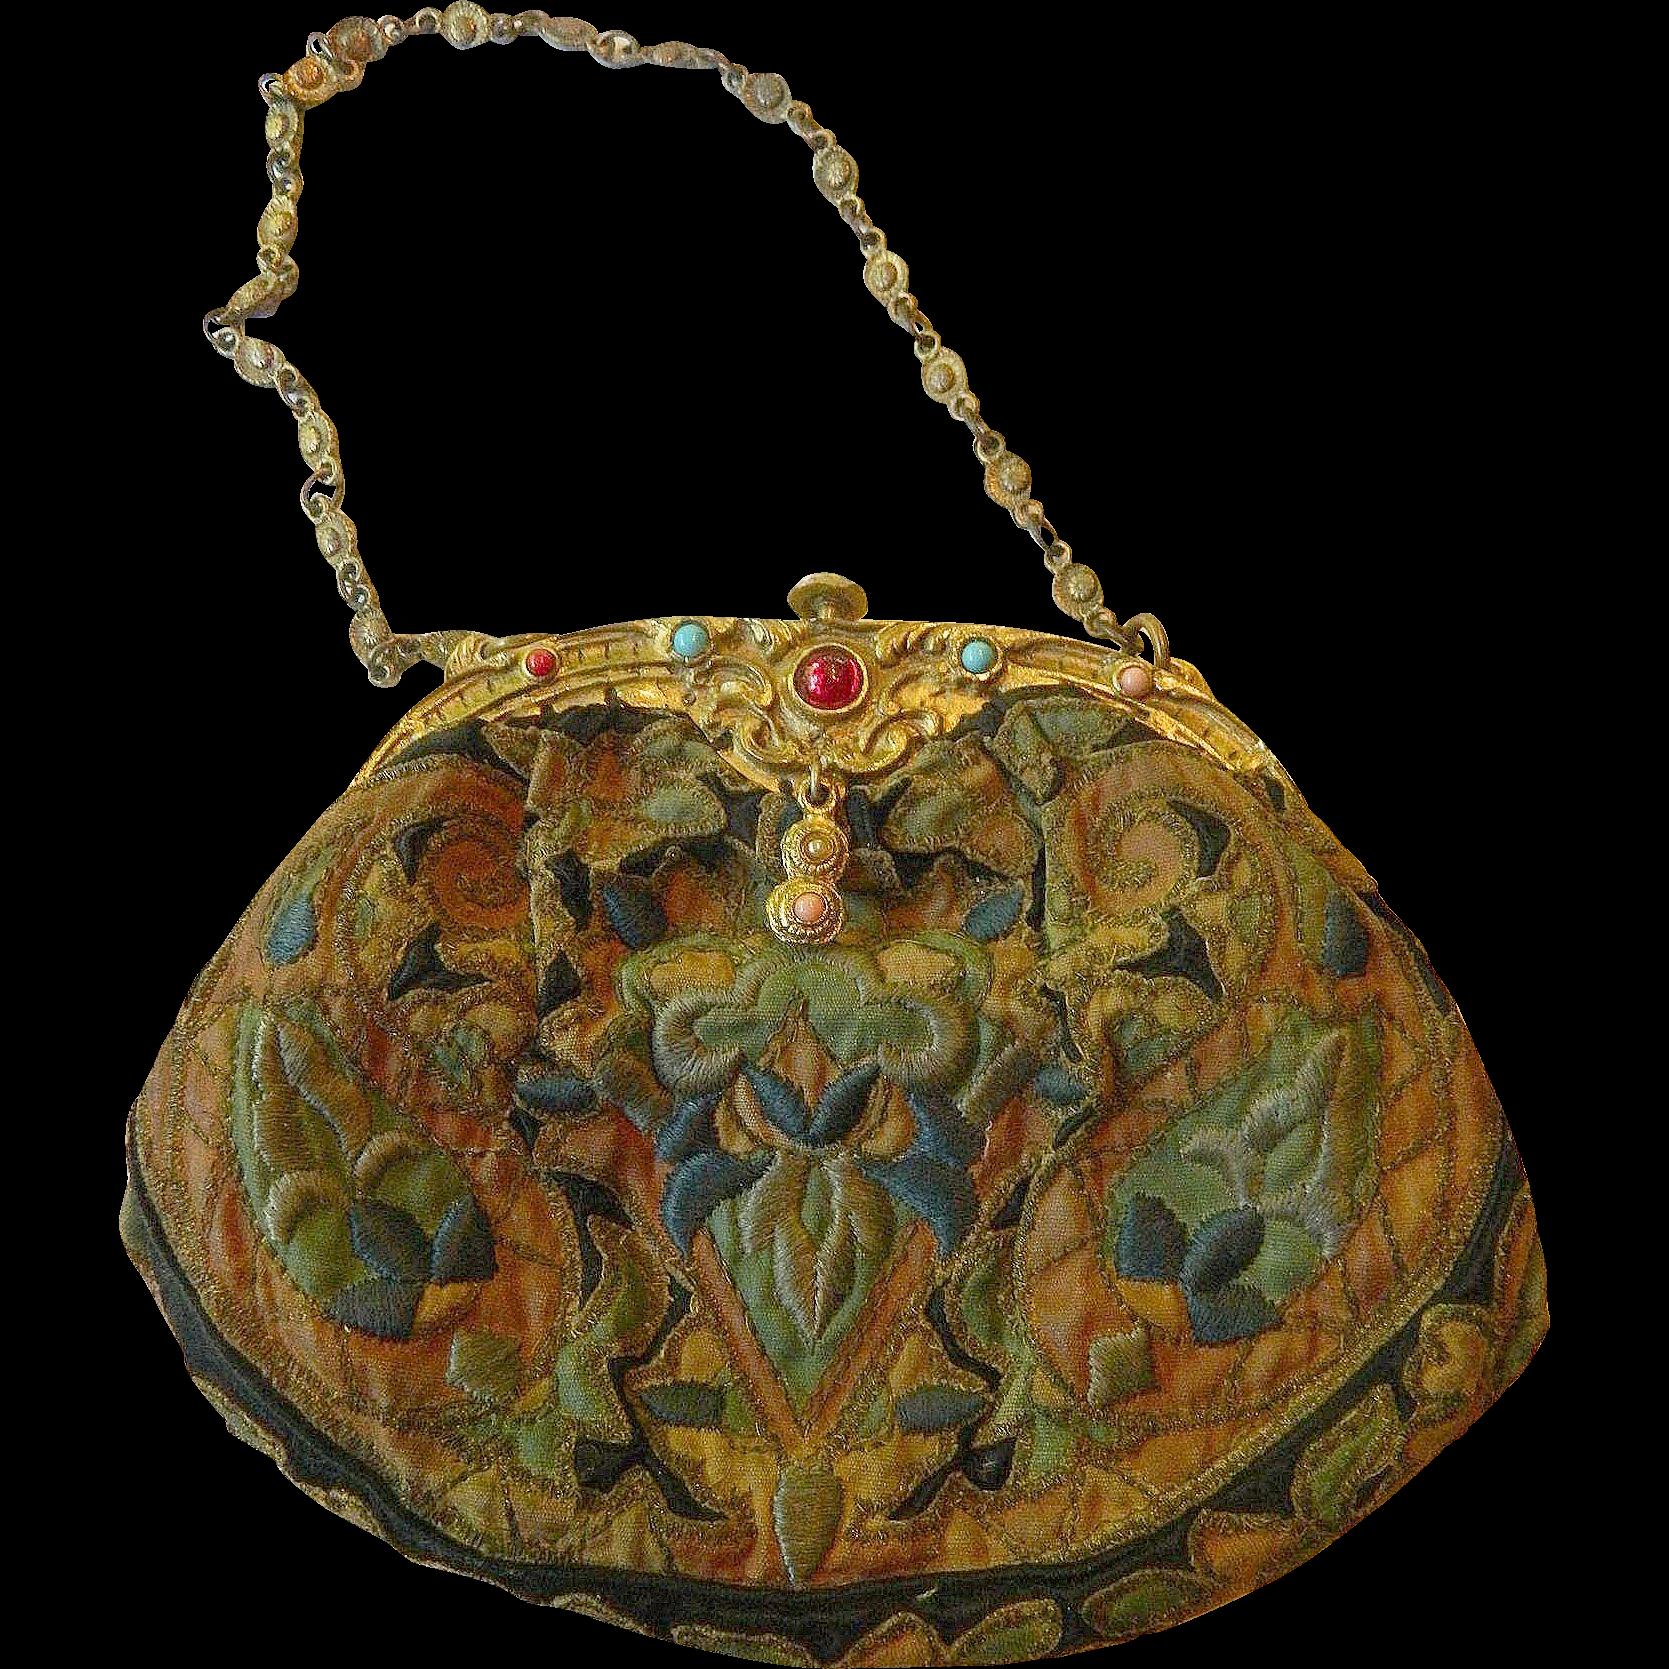 French Silk Embroidered Victorian Purse-Semi Precious